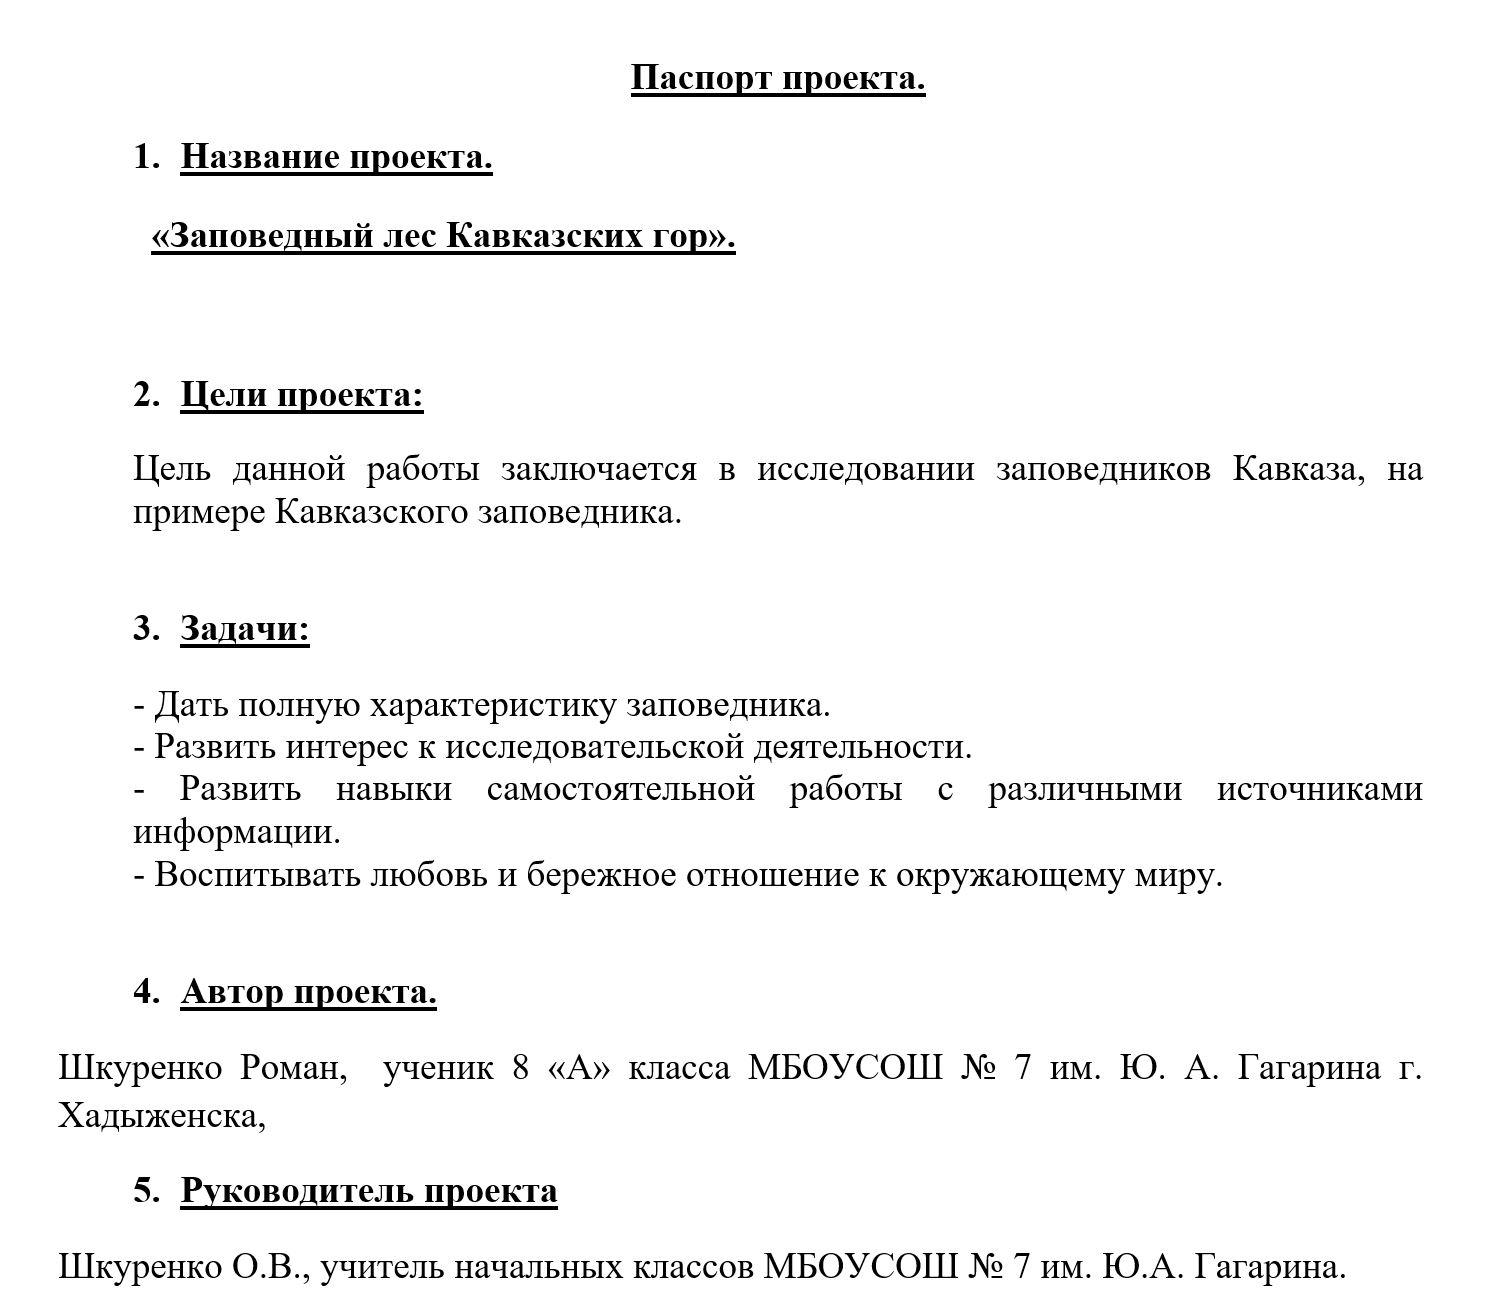 Шкуренко Роман 14 лет